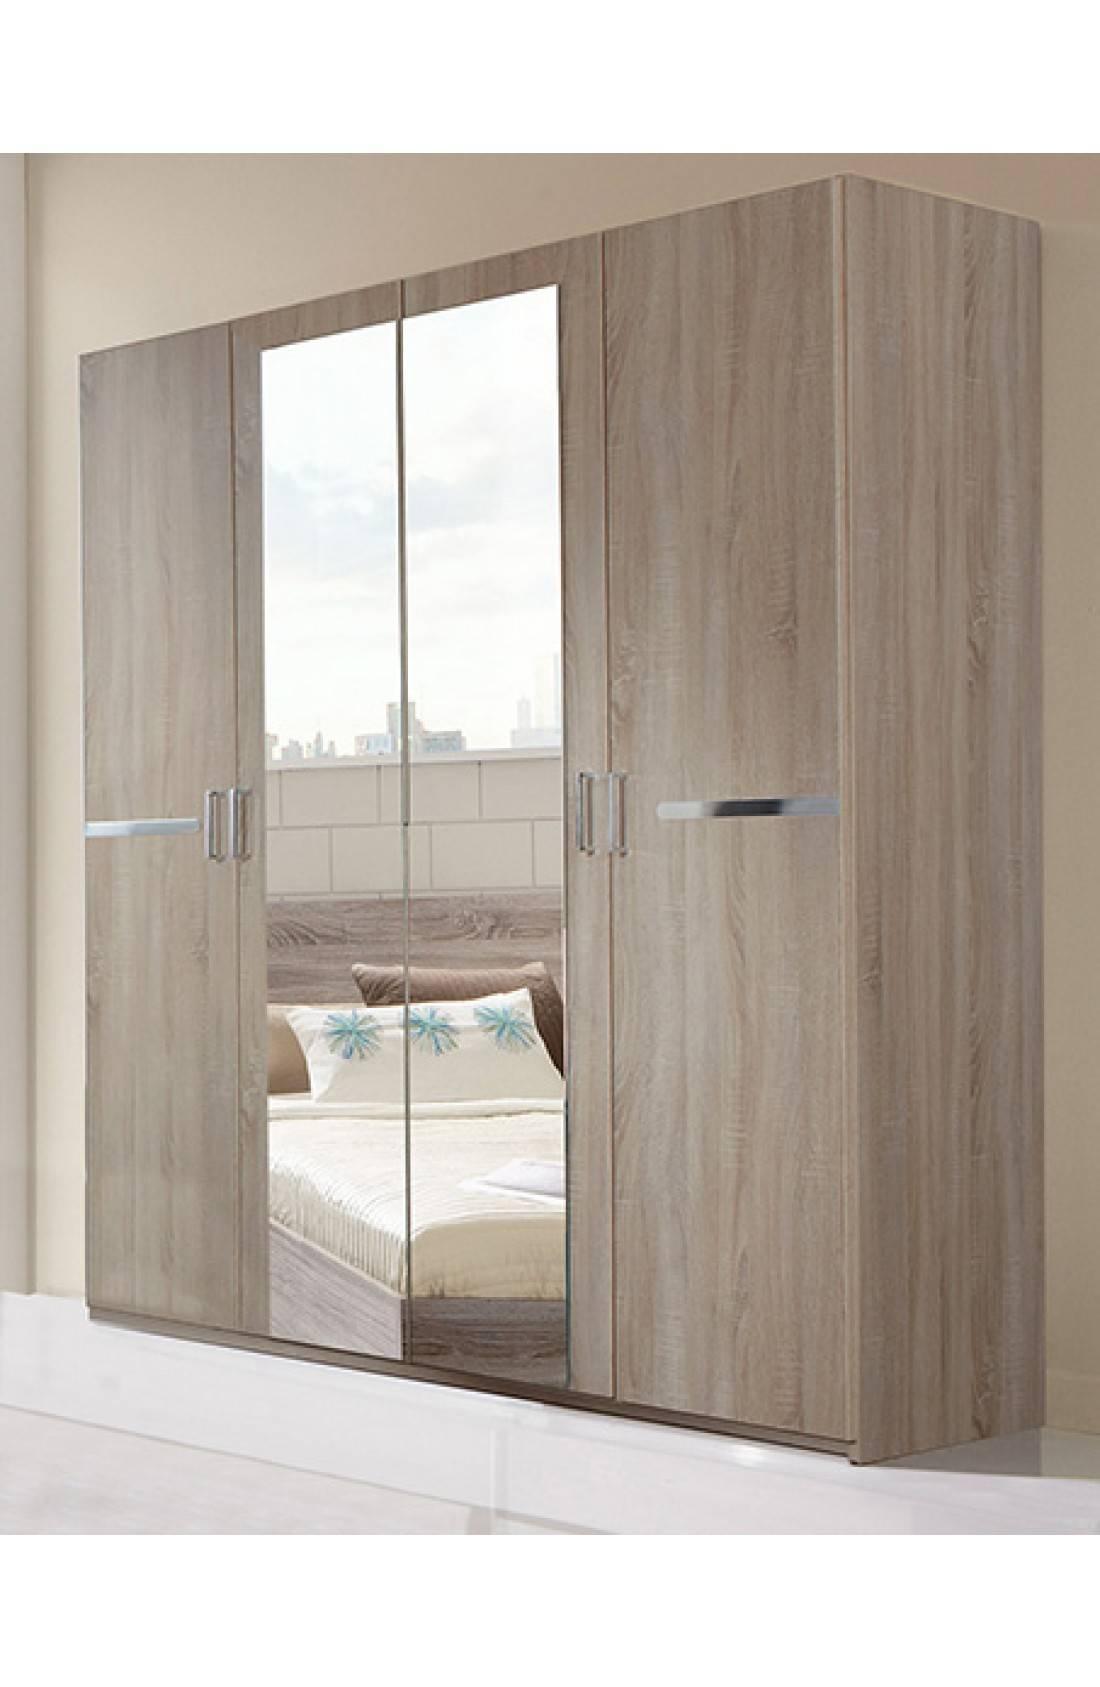 Slumberhaus 'anna' Modern Light Oak 180Cm 4 Door Wardrobe within 4 Door Wardrobes (Image 14 of 15)